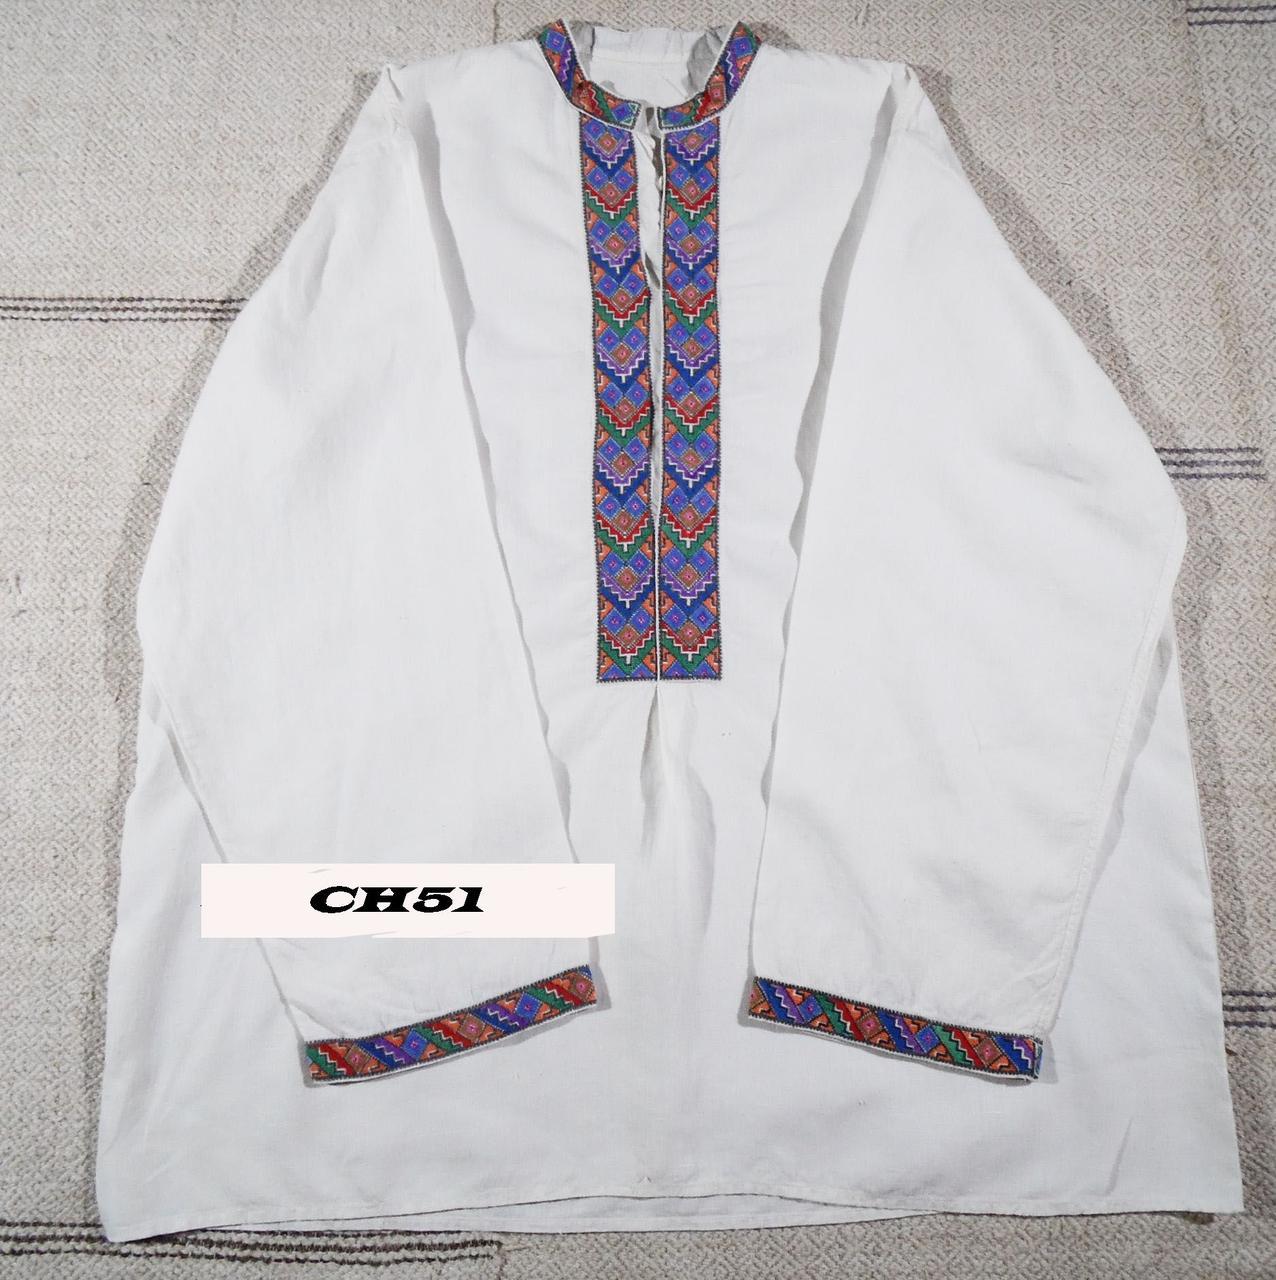 Чоловіча сорочка зшита з лляного полотна. Вишита майстерним хрестиком. СН-51 9289ea31daf6f